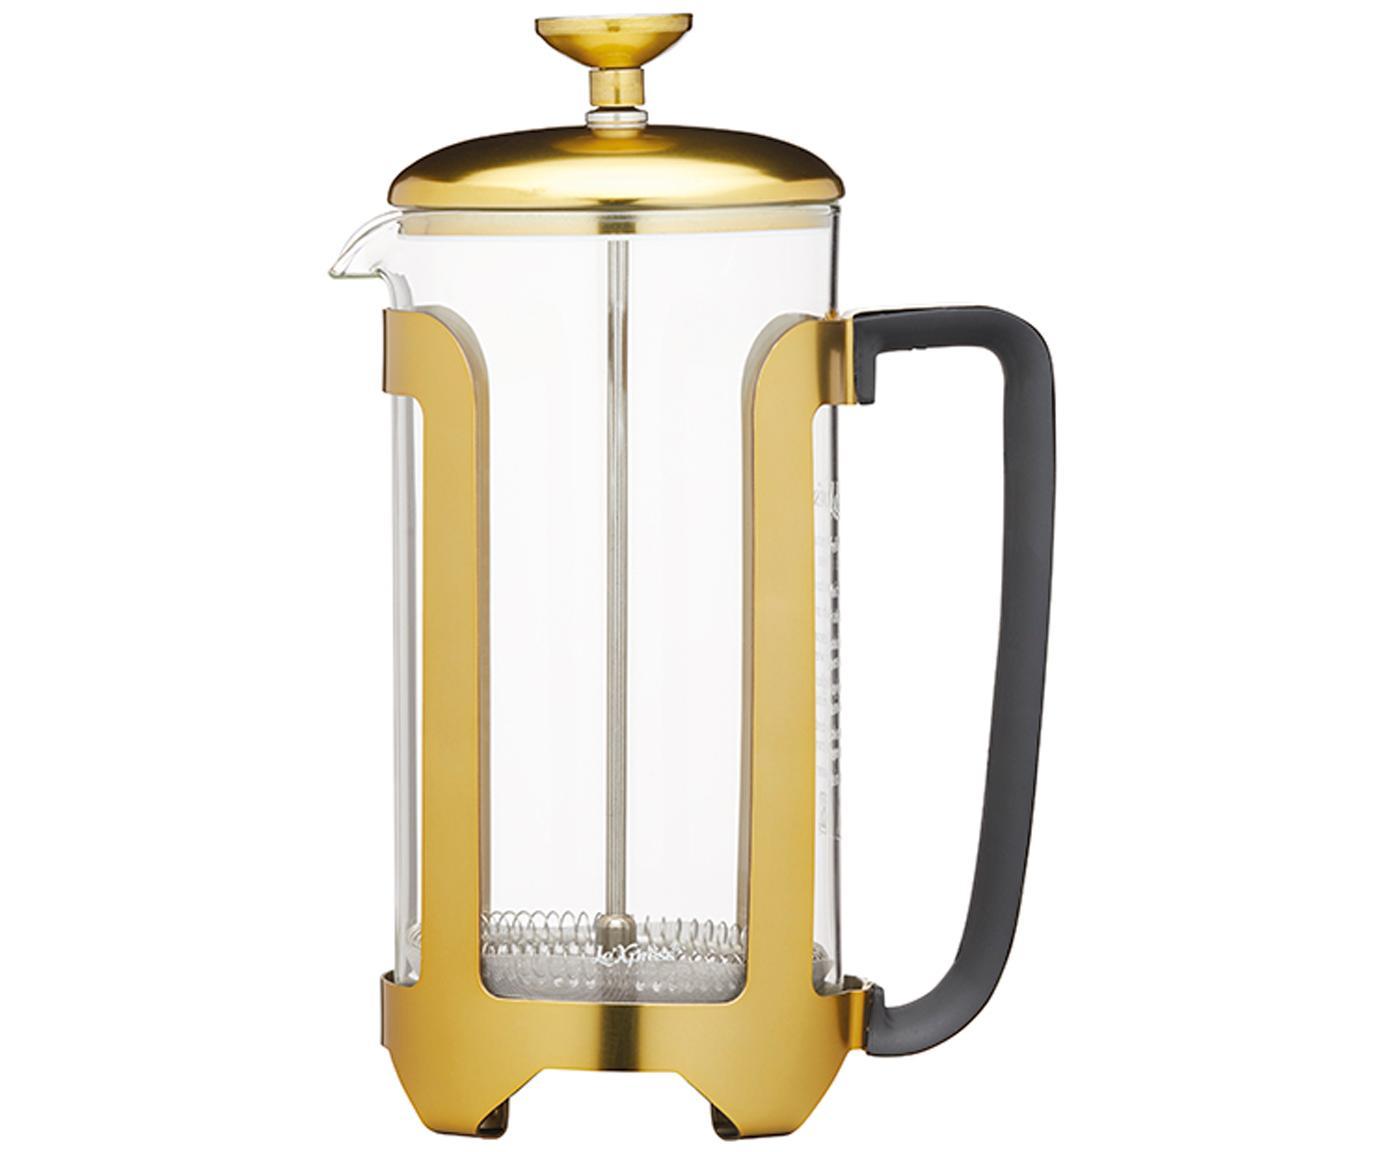 Cafetière  Le'Xpress, Borosilicaatglas, gecoat metaal, Transparant, messingkleurig, 1 L